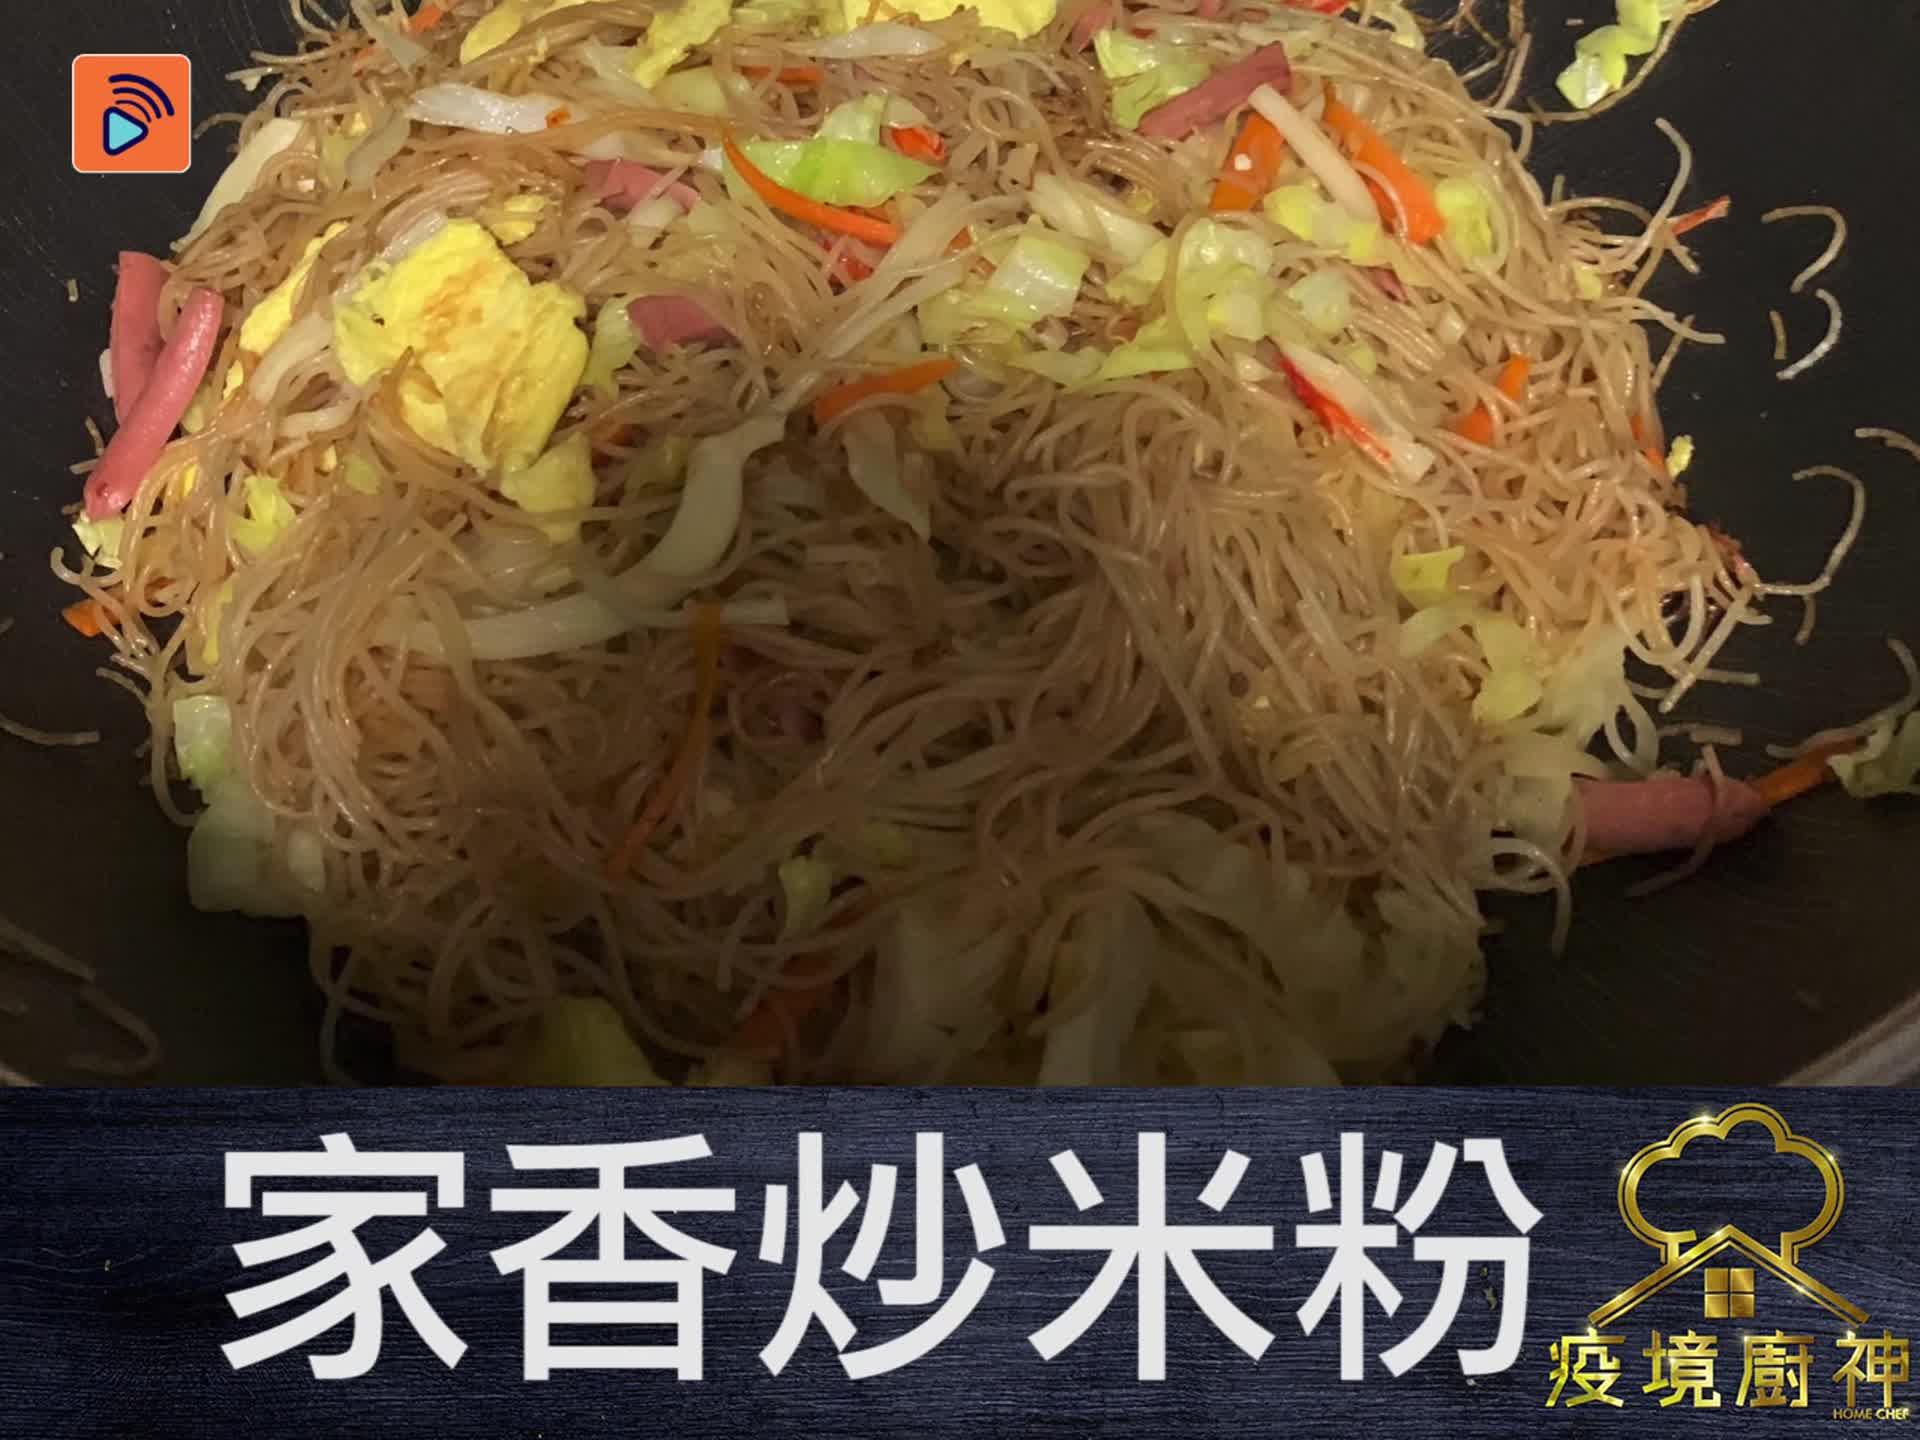 【家香炒米粉】腕力的重要性!兜炒米粉少啲力都炒唔勻!